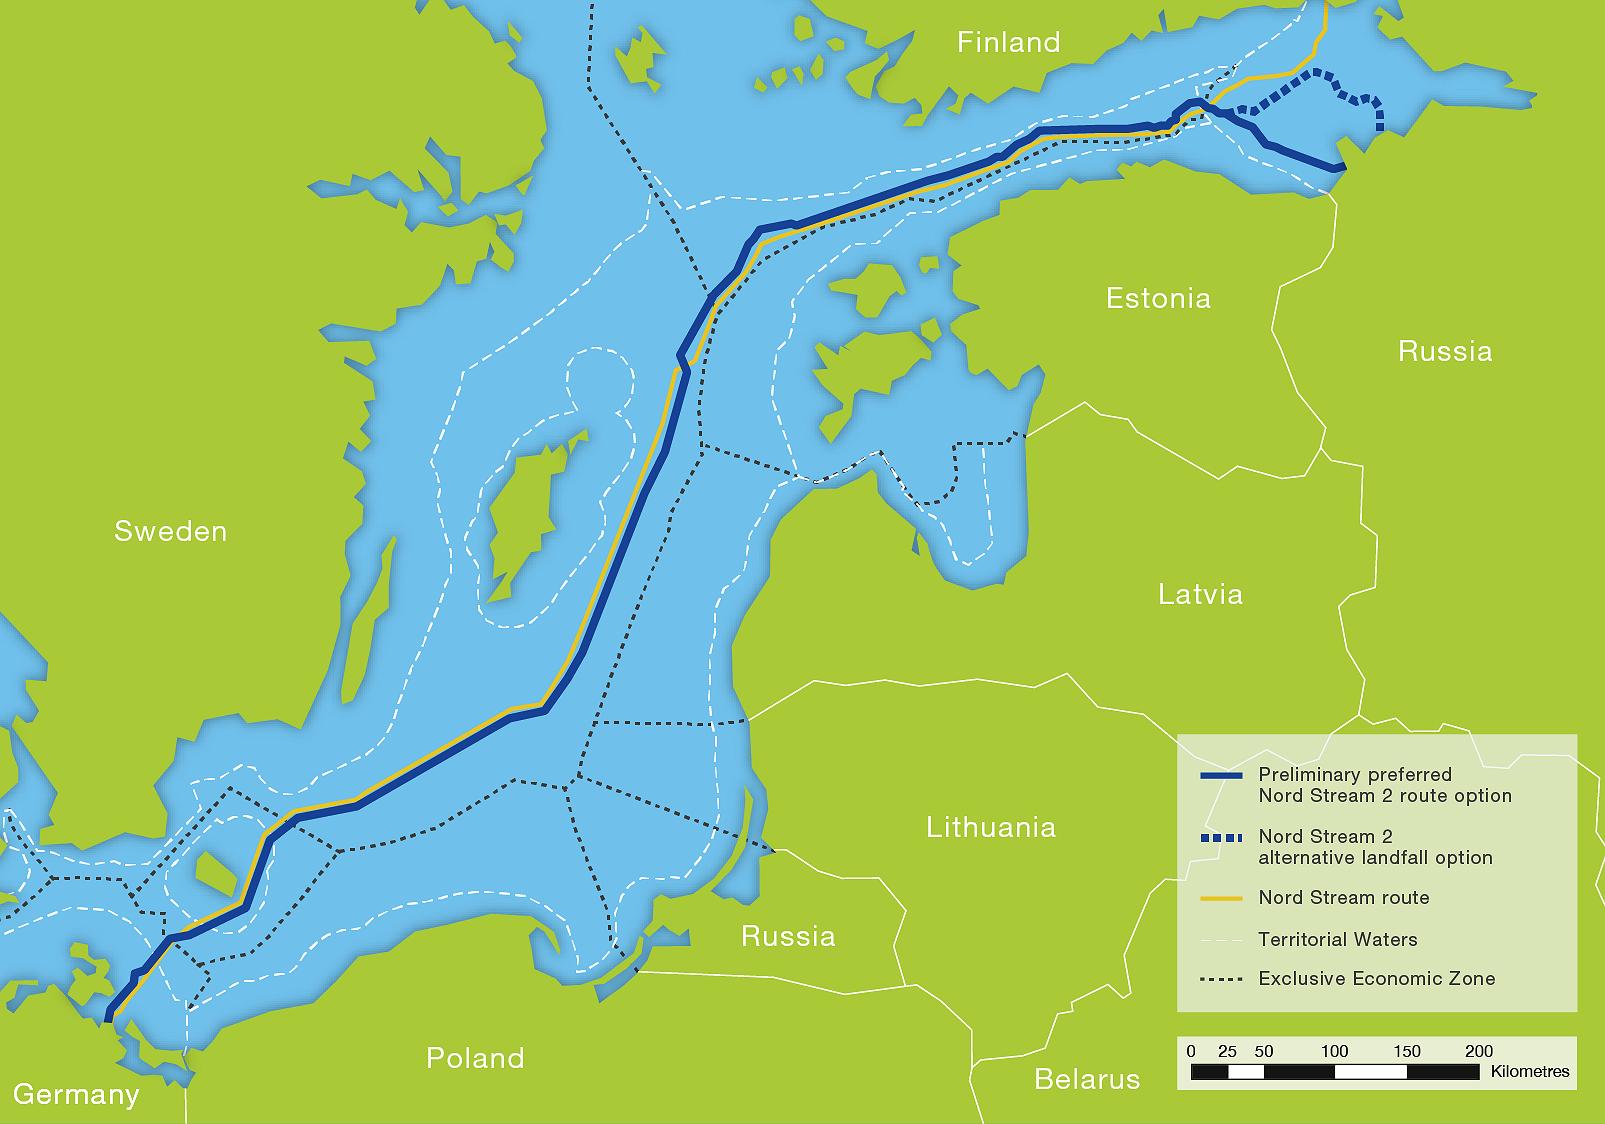 Διπλωματικός «πόλεμος» για τον αγωγό Nord Stream